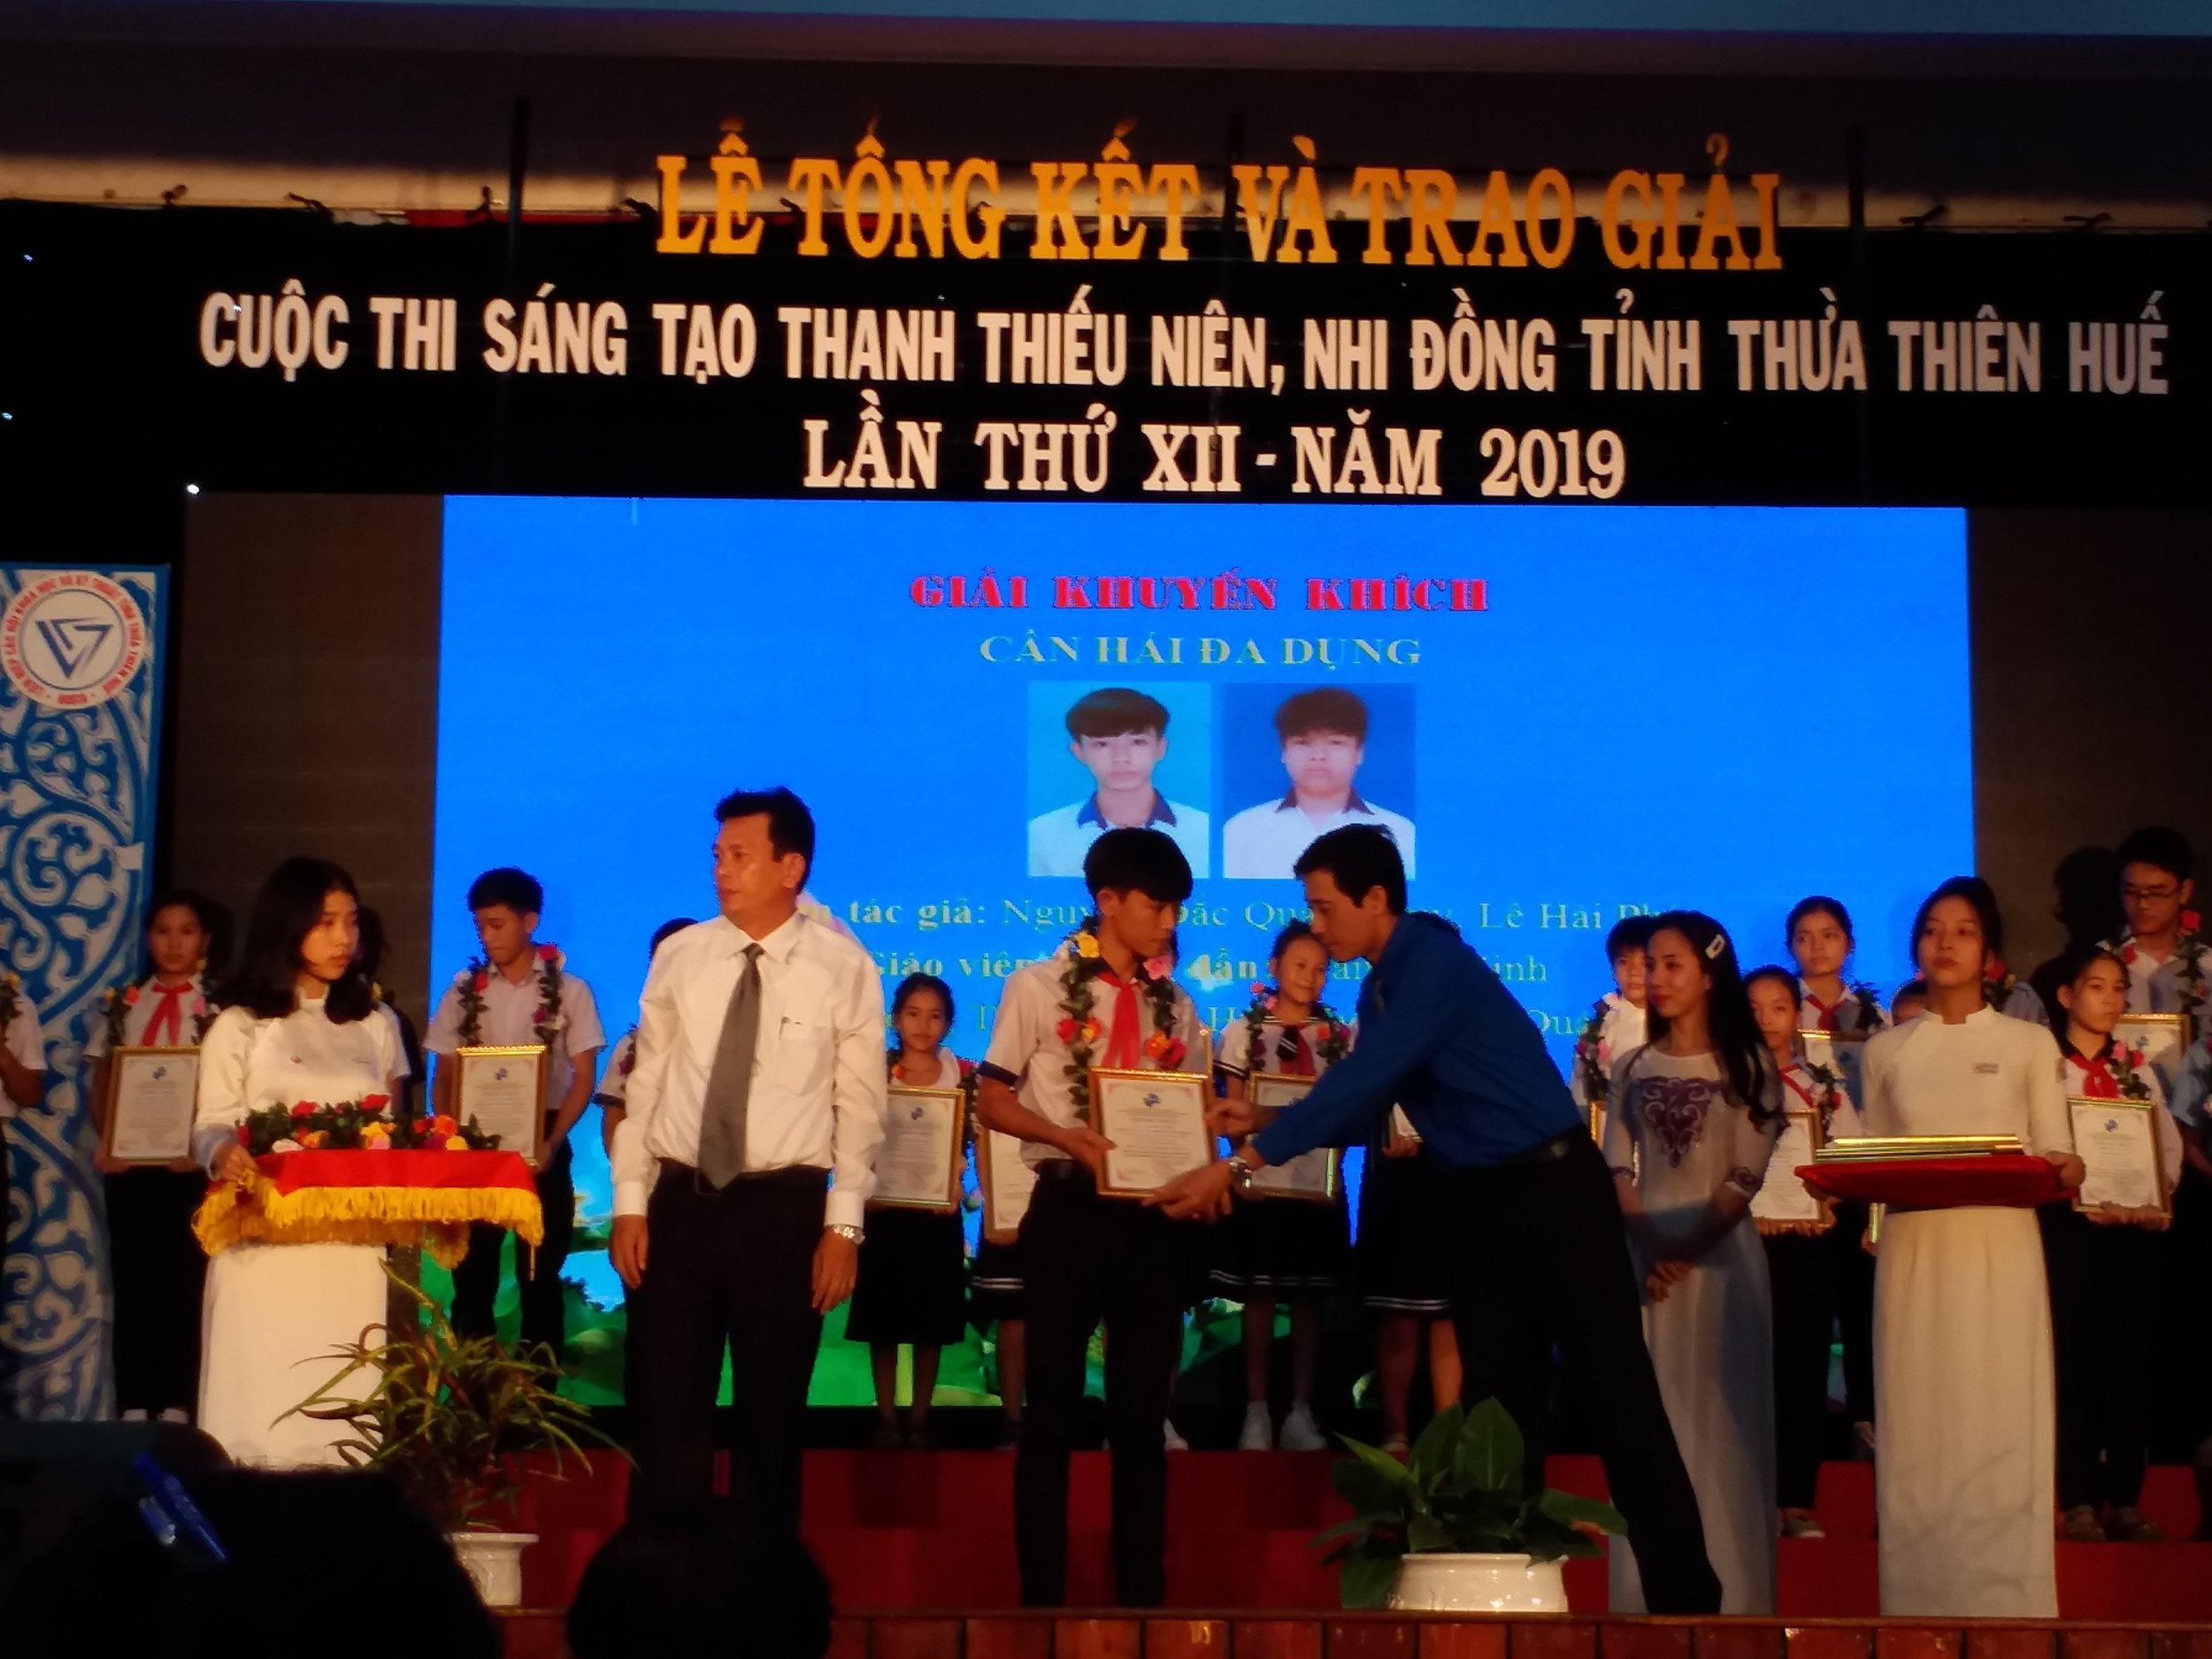 Huy nhận giải tại cuộc thi Sáng tạo Thanh thiếu niên, Nhi đồng tỉnh Thừa Thiên Huế năm 2019. Ảnh: Nhật Tuấn.